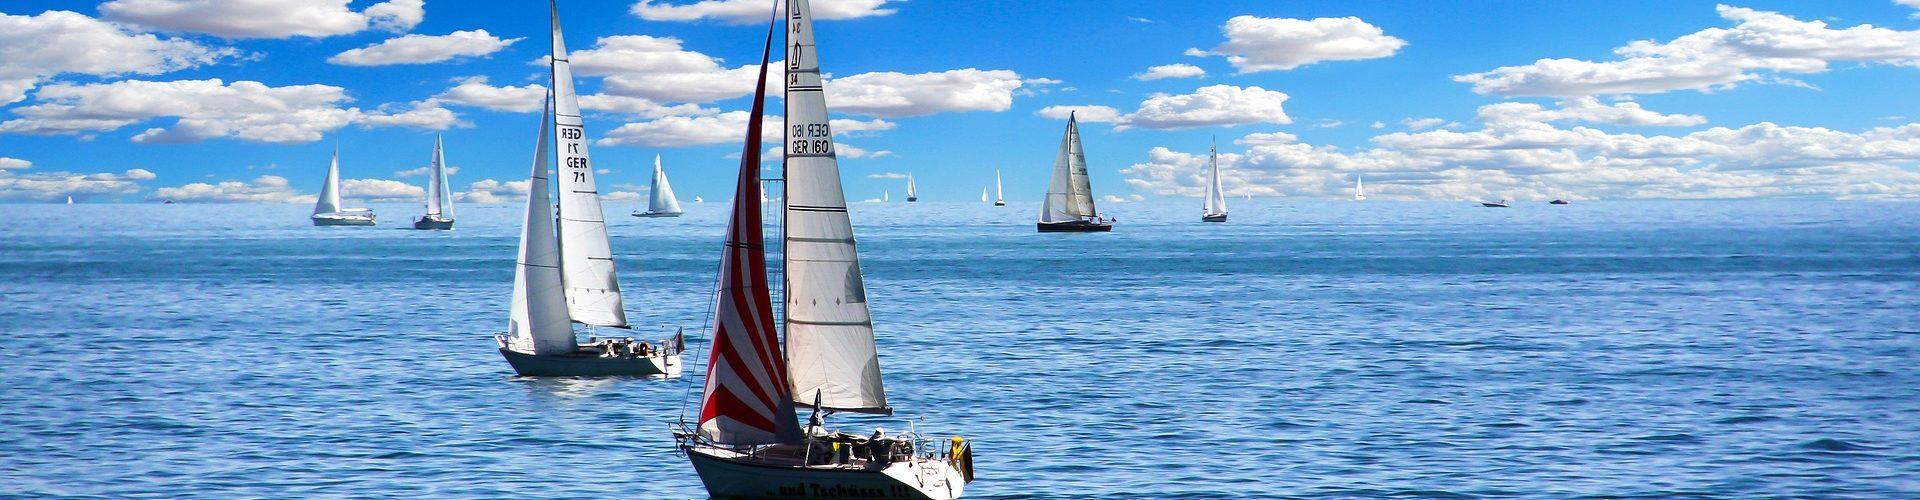 segeln lernen in Rhede segelschein machen in Rhede 1920x500 - Segeln lernen in Rhede